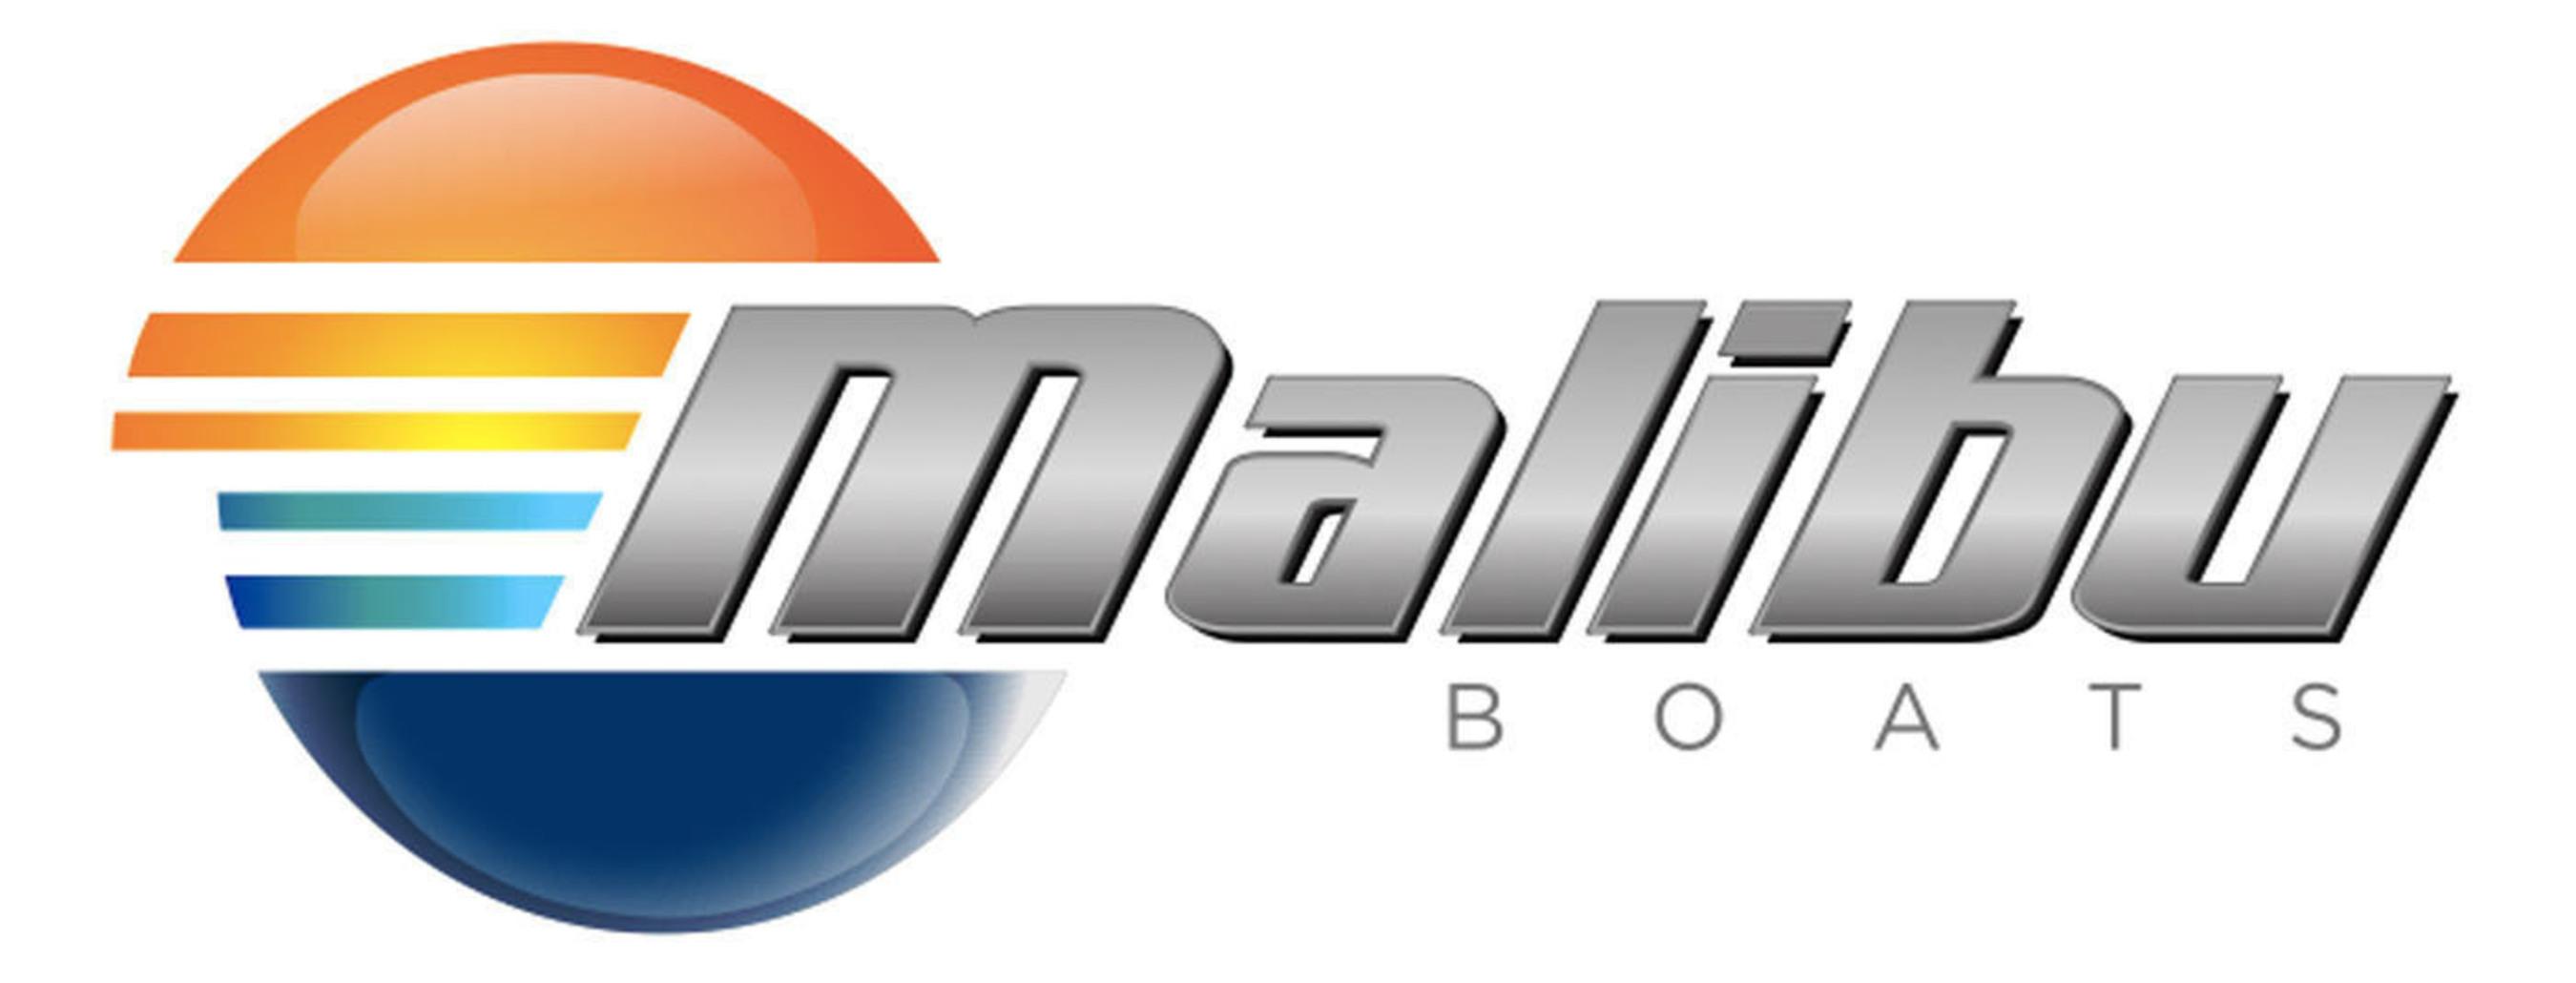 Malibu Boats, LLC.